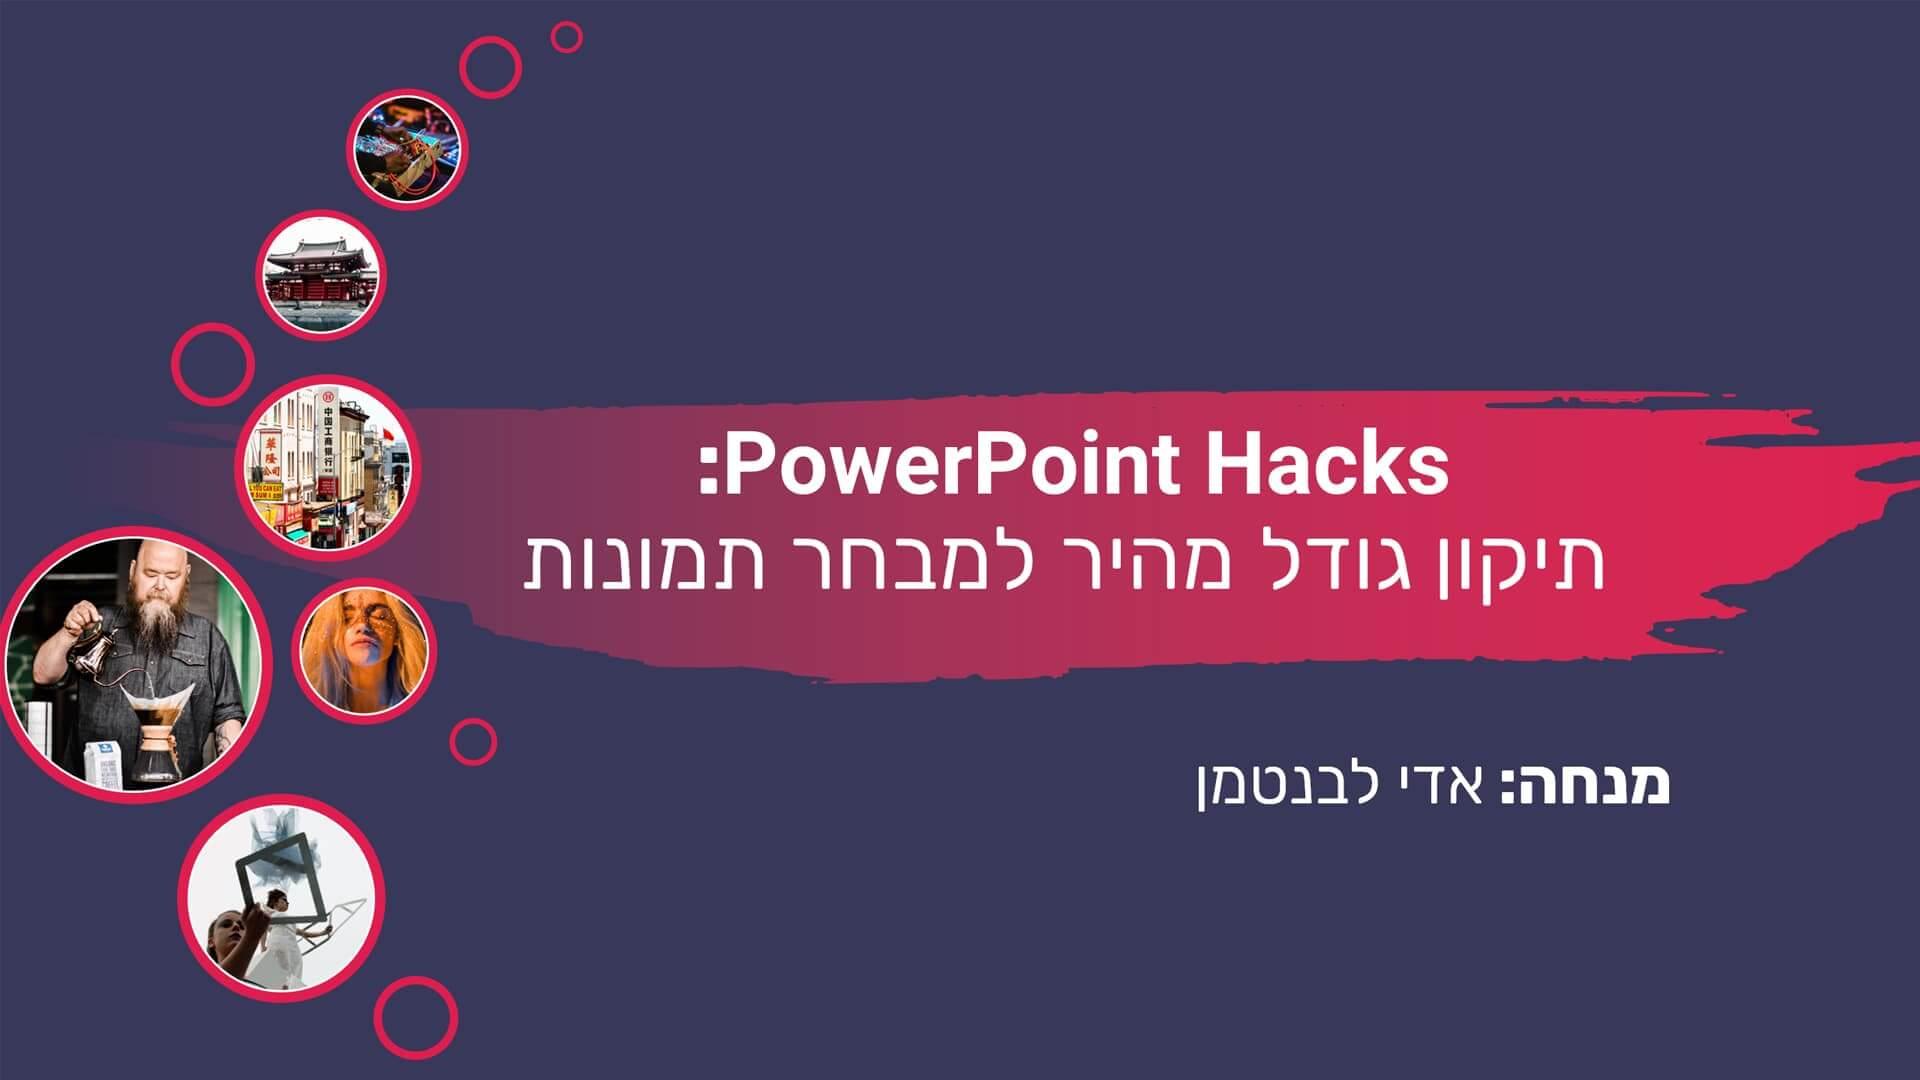 מדריך וידאו: עריכה מהירה של תמונות מרובות ב-PowerPoint